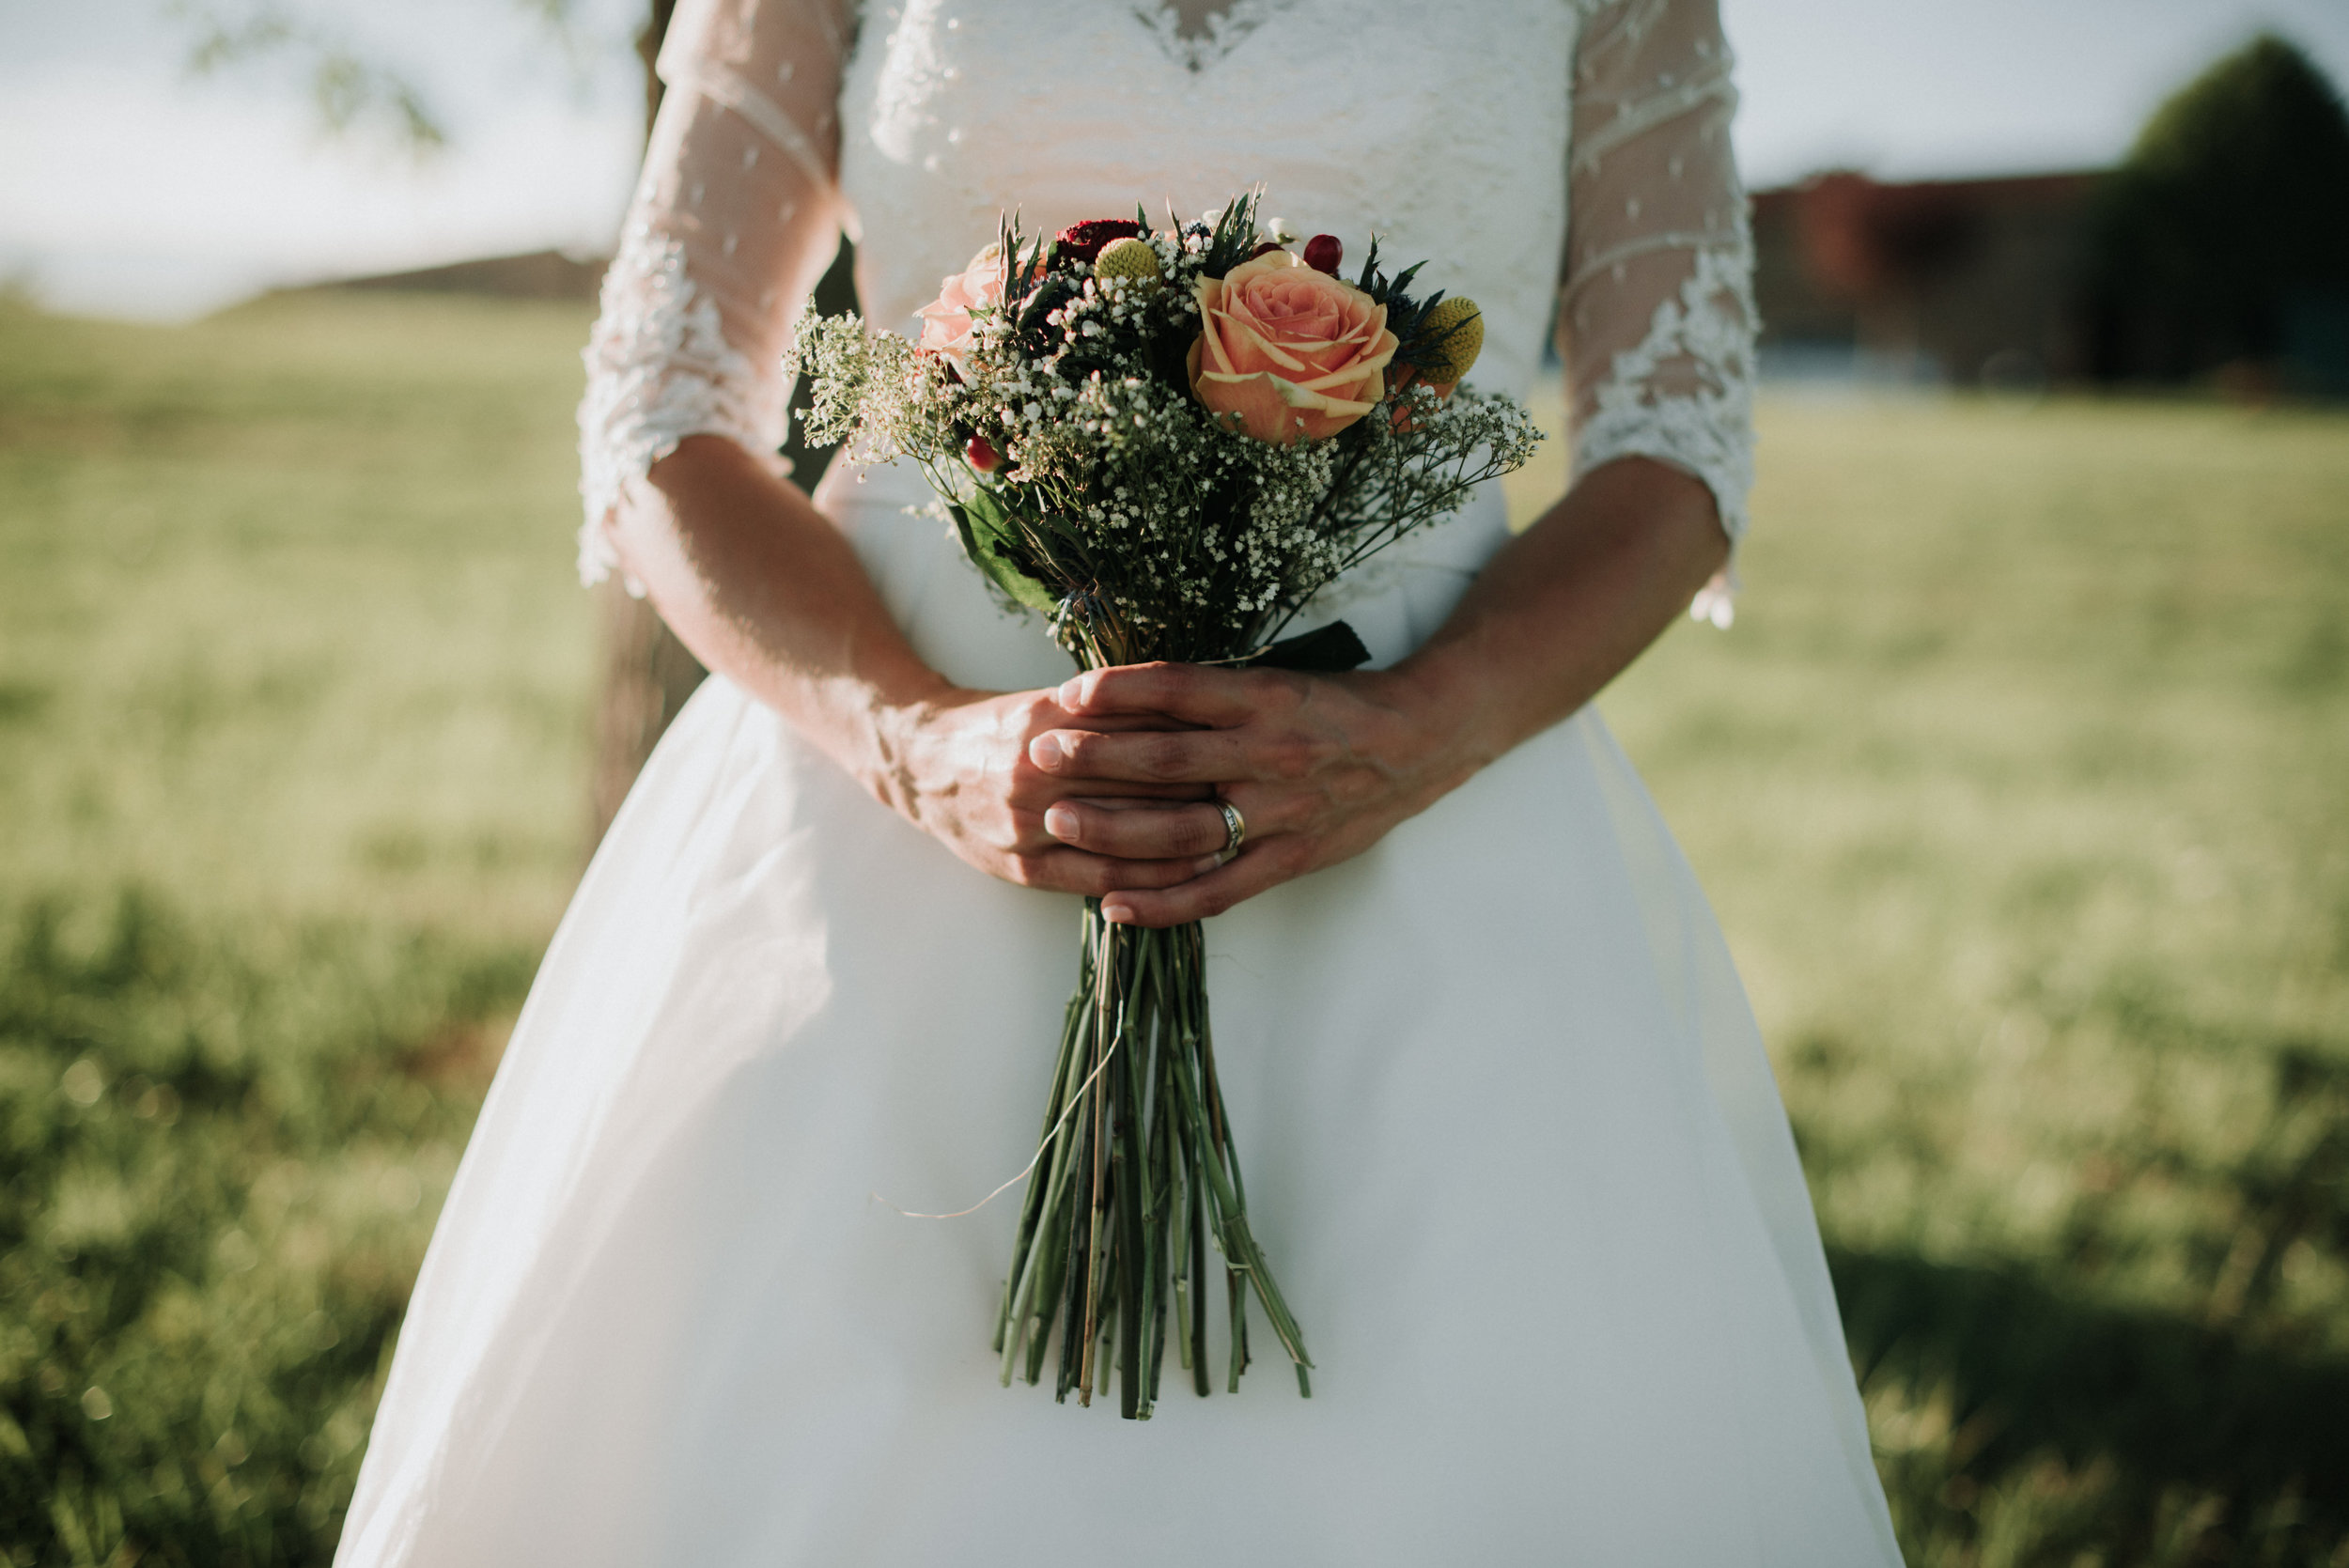 Léa-Fery-photographe-professionnel-lyon-rhone-alpes-portrait-creation-mariage-evenement-evenementiel-famille-8288.jpg